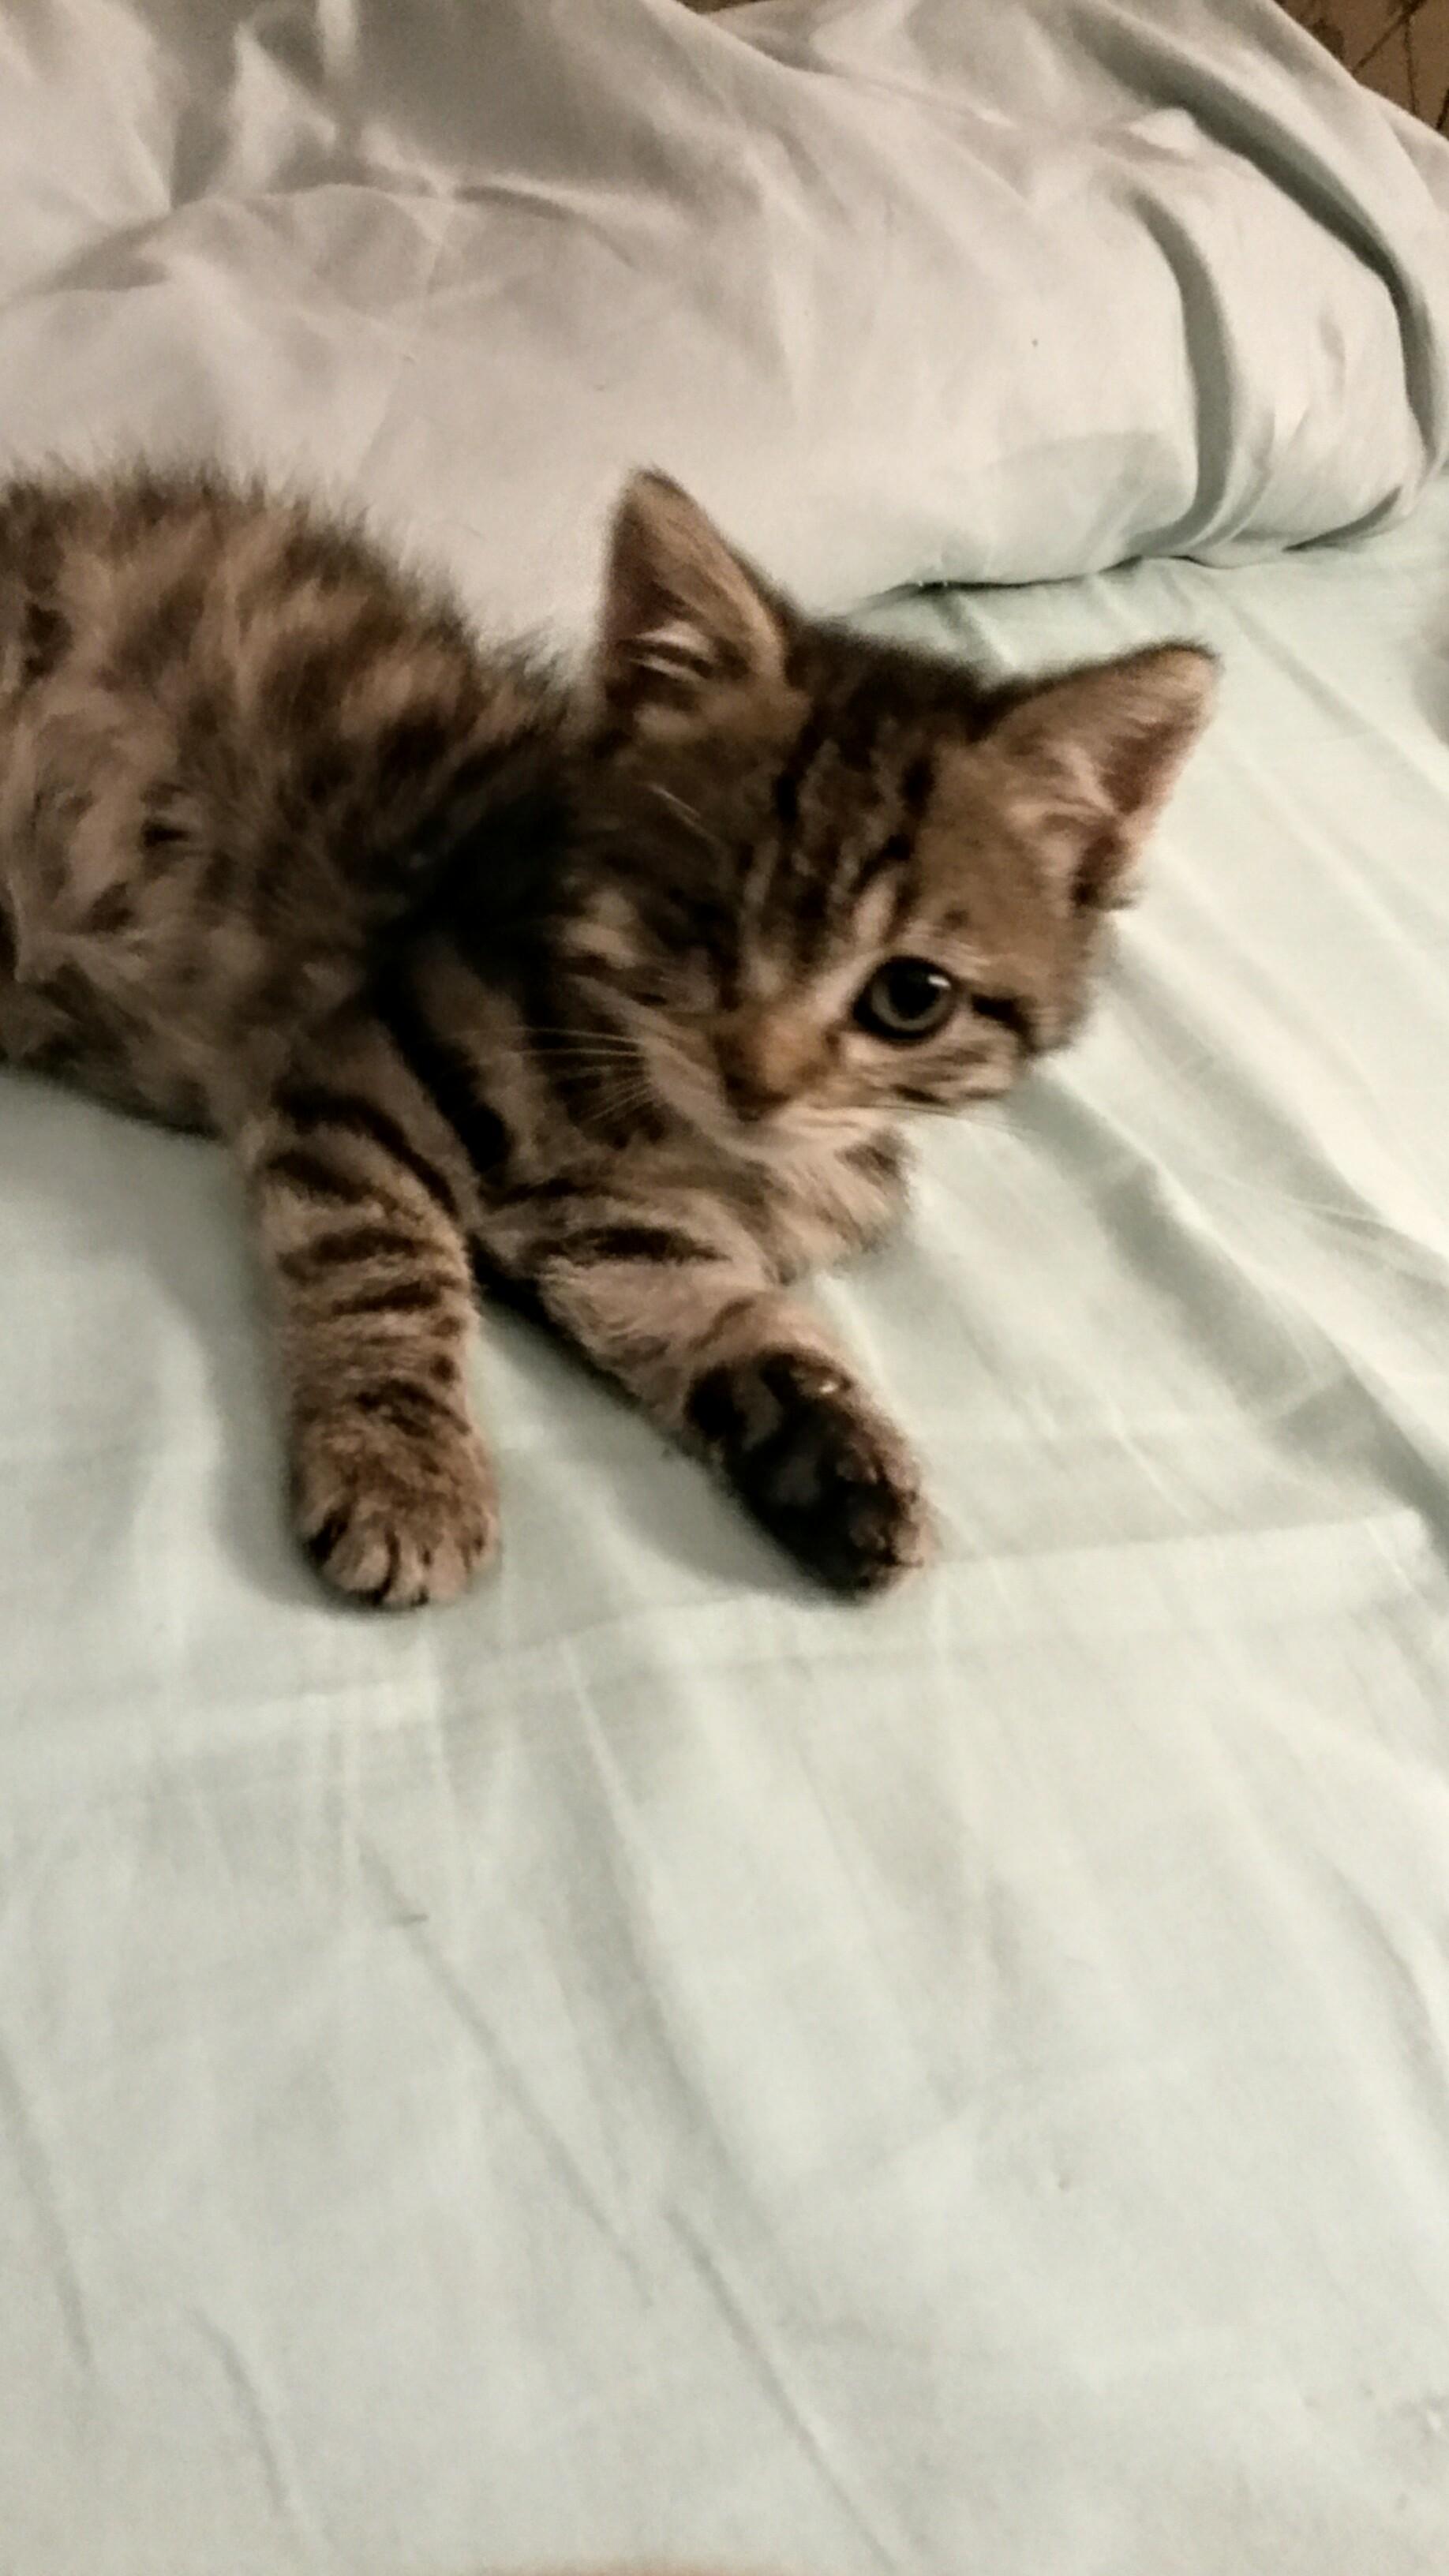 Leïa bébé tigré 2 mois cherche bon foyer malgré son handicap